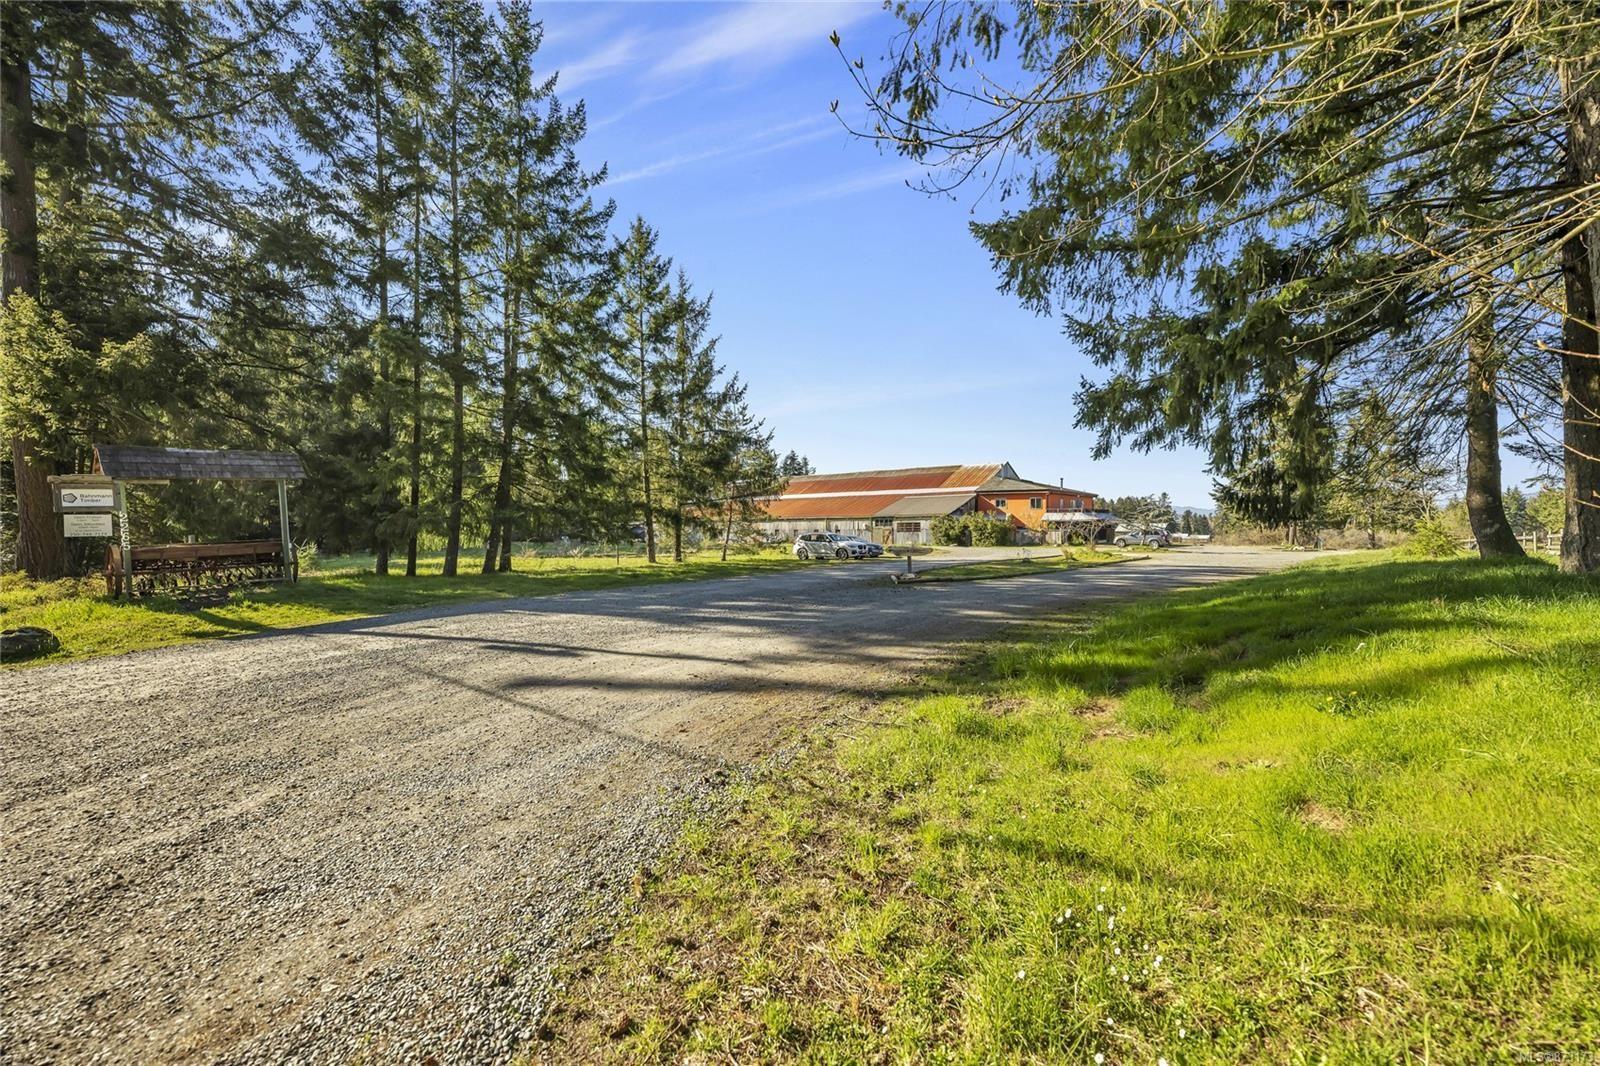 Main Photo: 2235 Koksilah Rd in : Du Cowichan Station/Glenora House for sale (Duncan)  : MLS®# 873173